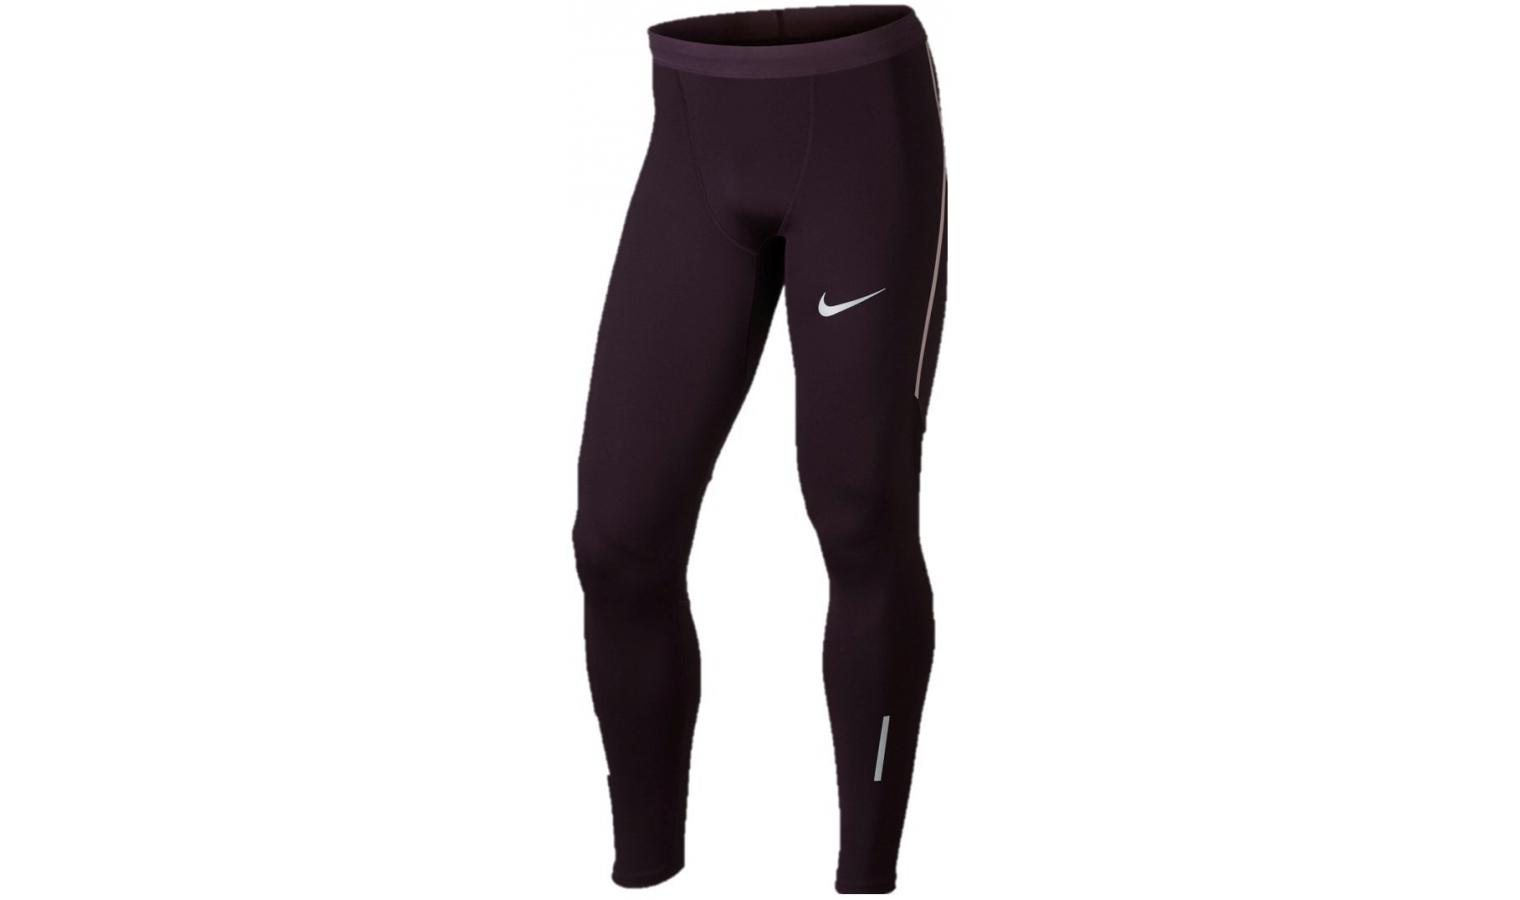 Pánské sportovní legíny Nike POWER TECH TIGHT vínové  26e450b815